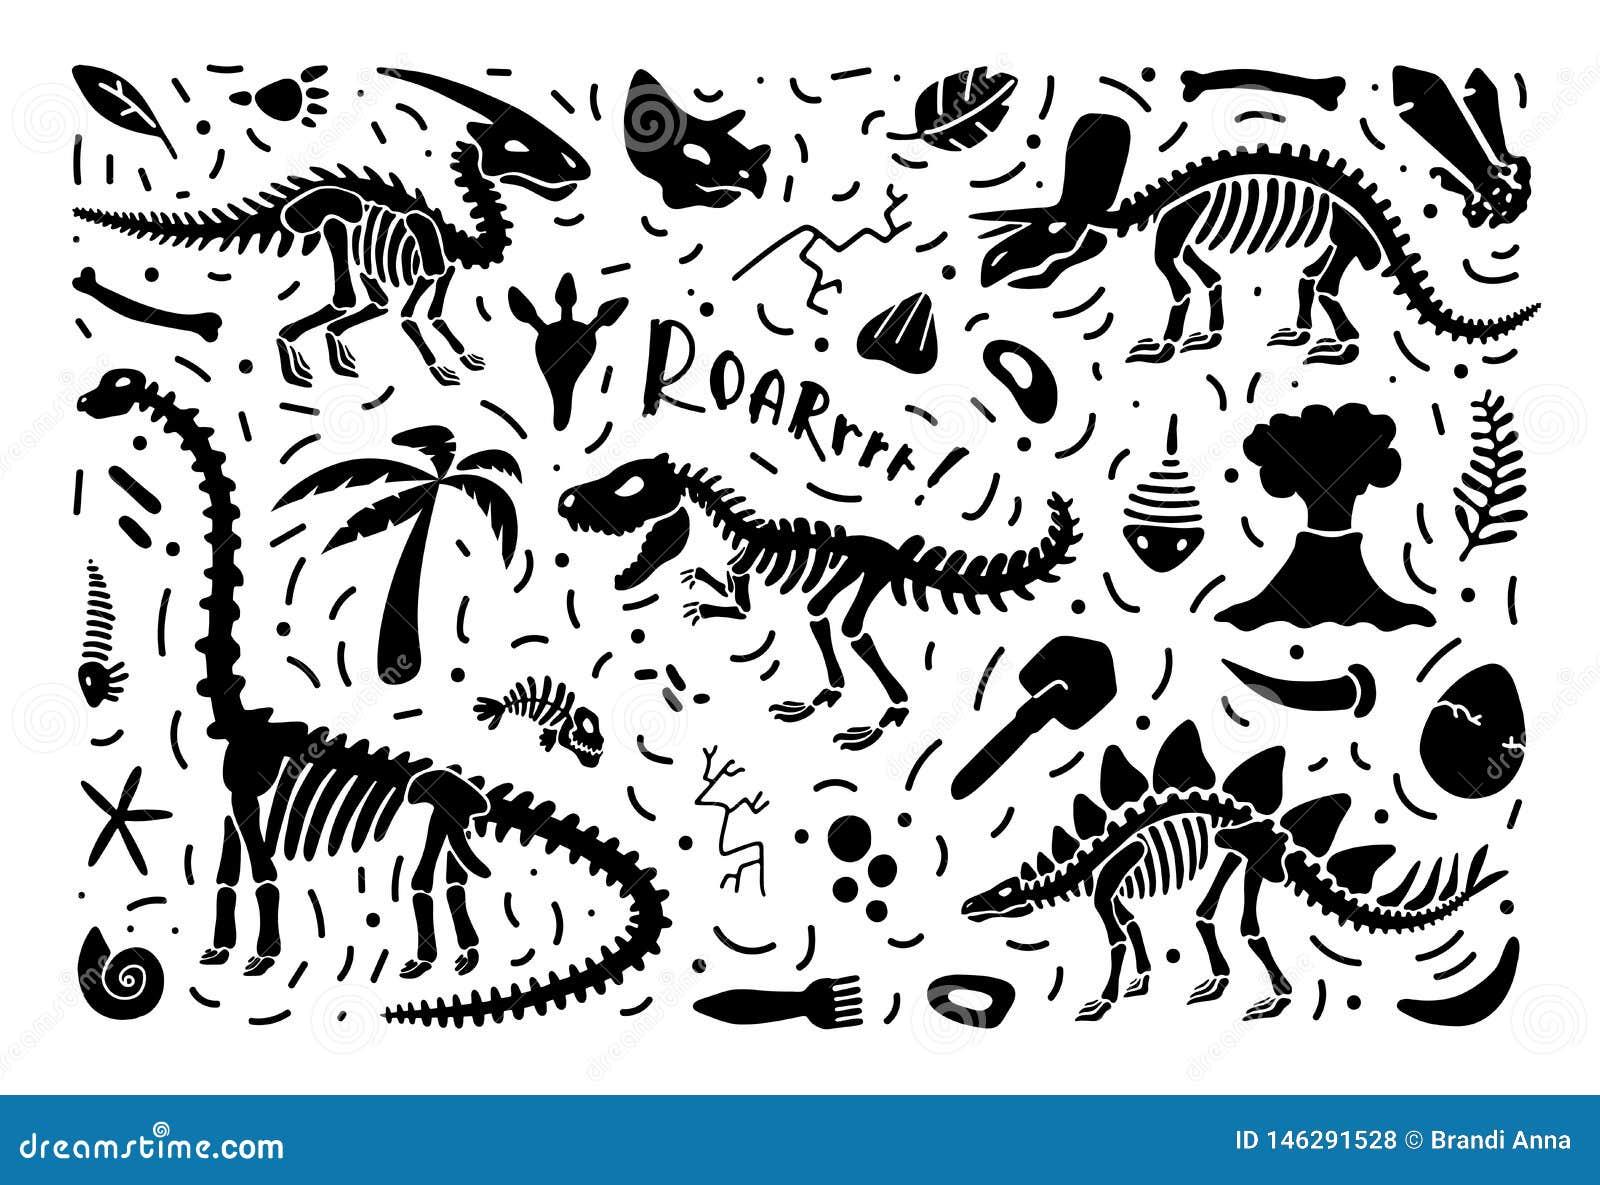 Sammlung Dinosaurierskelette und -fossilien, ein Satz Anlagen, Tiere und Paläontologieelemente Vektor